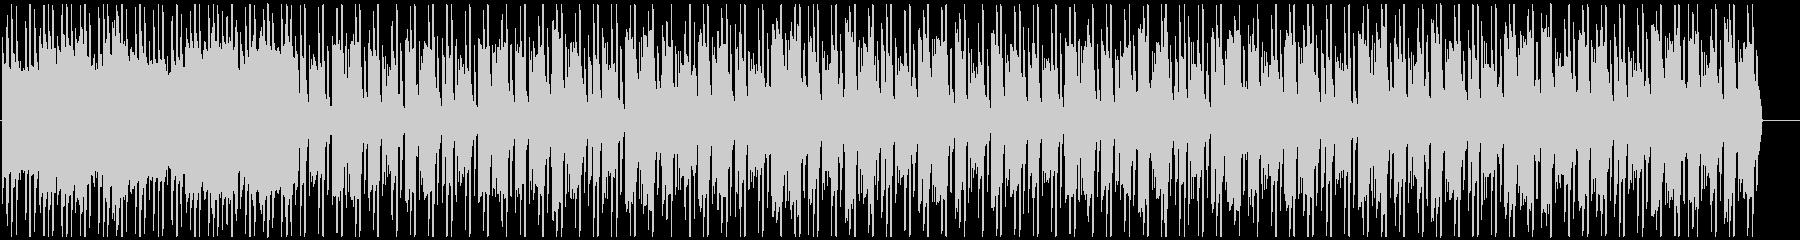 レゲエ ジャジーで大人なラヴァーズロックの未再生の波形